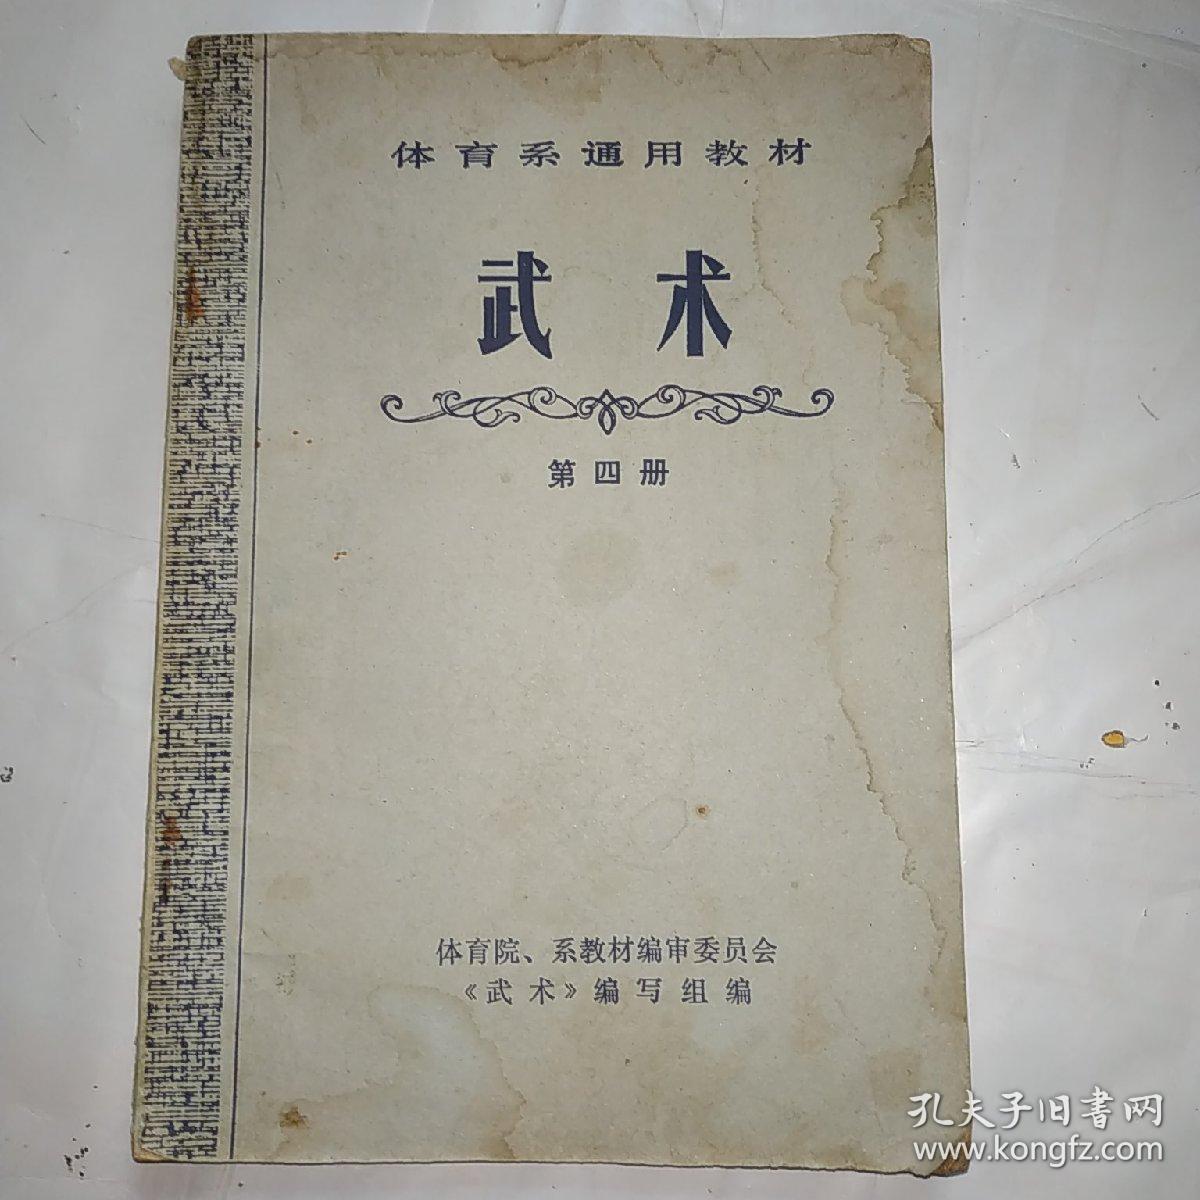 体育系通用教材-武术第四册